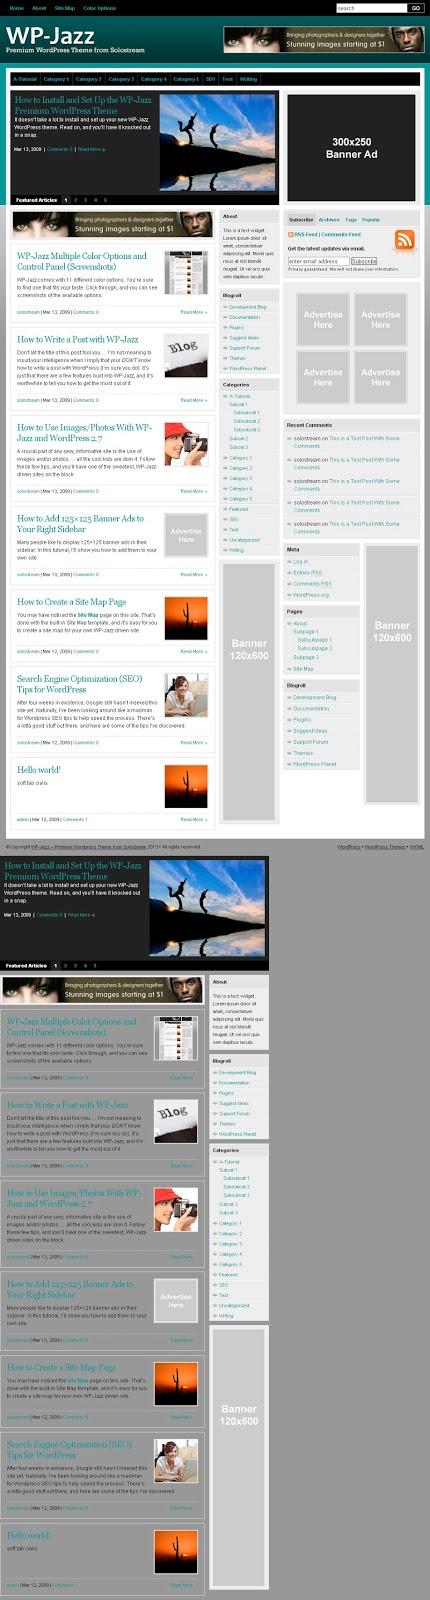 WP-Jazz Premium WordPress Theme